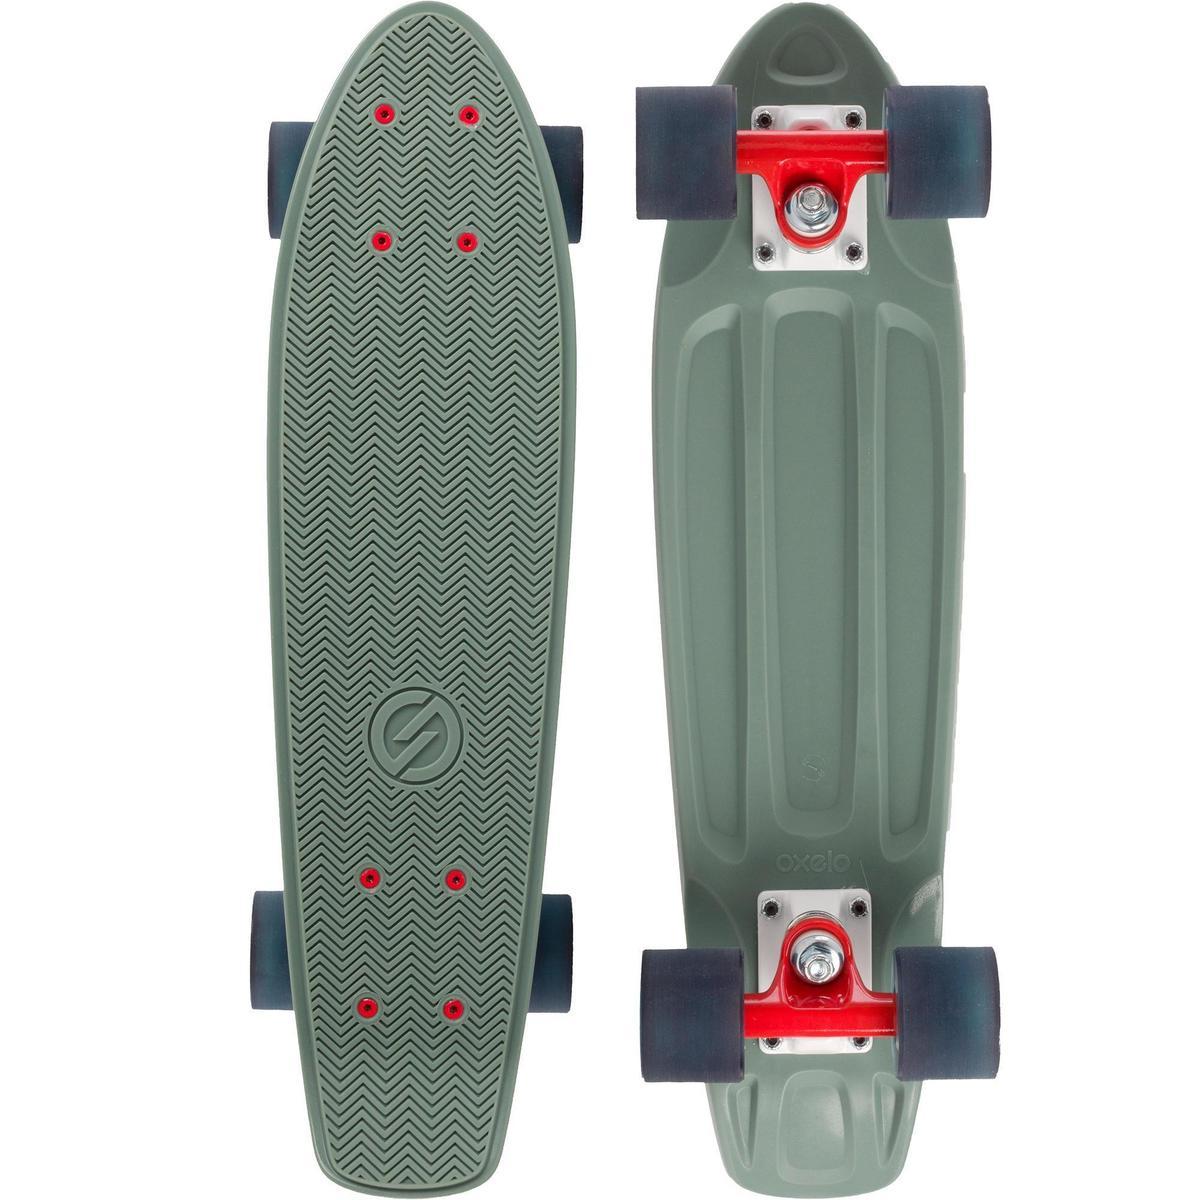 Bild 1 von Cruiser Skateboard Yamba khaki